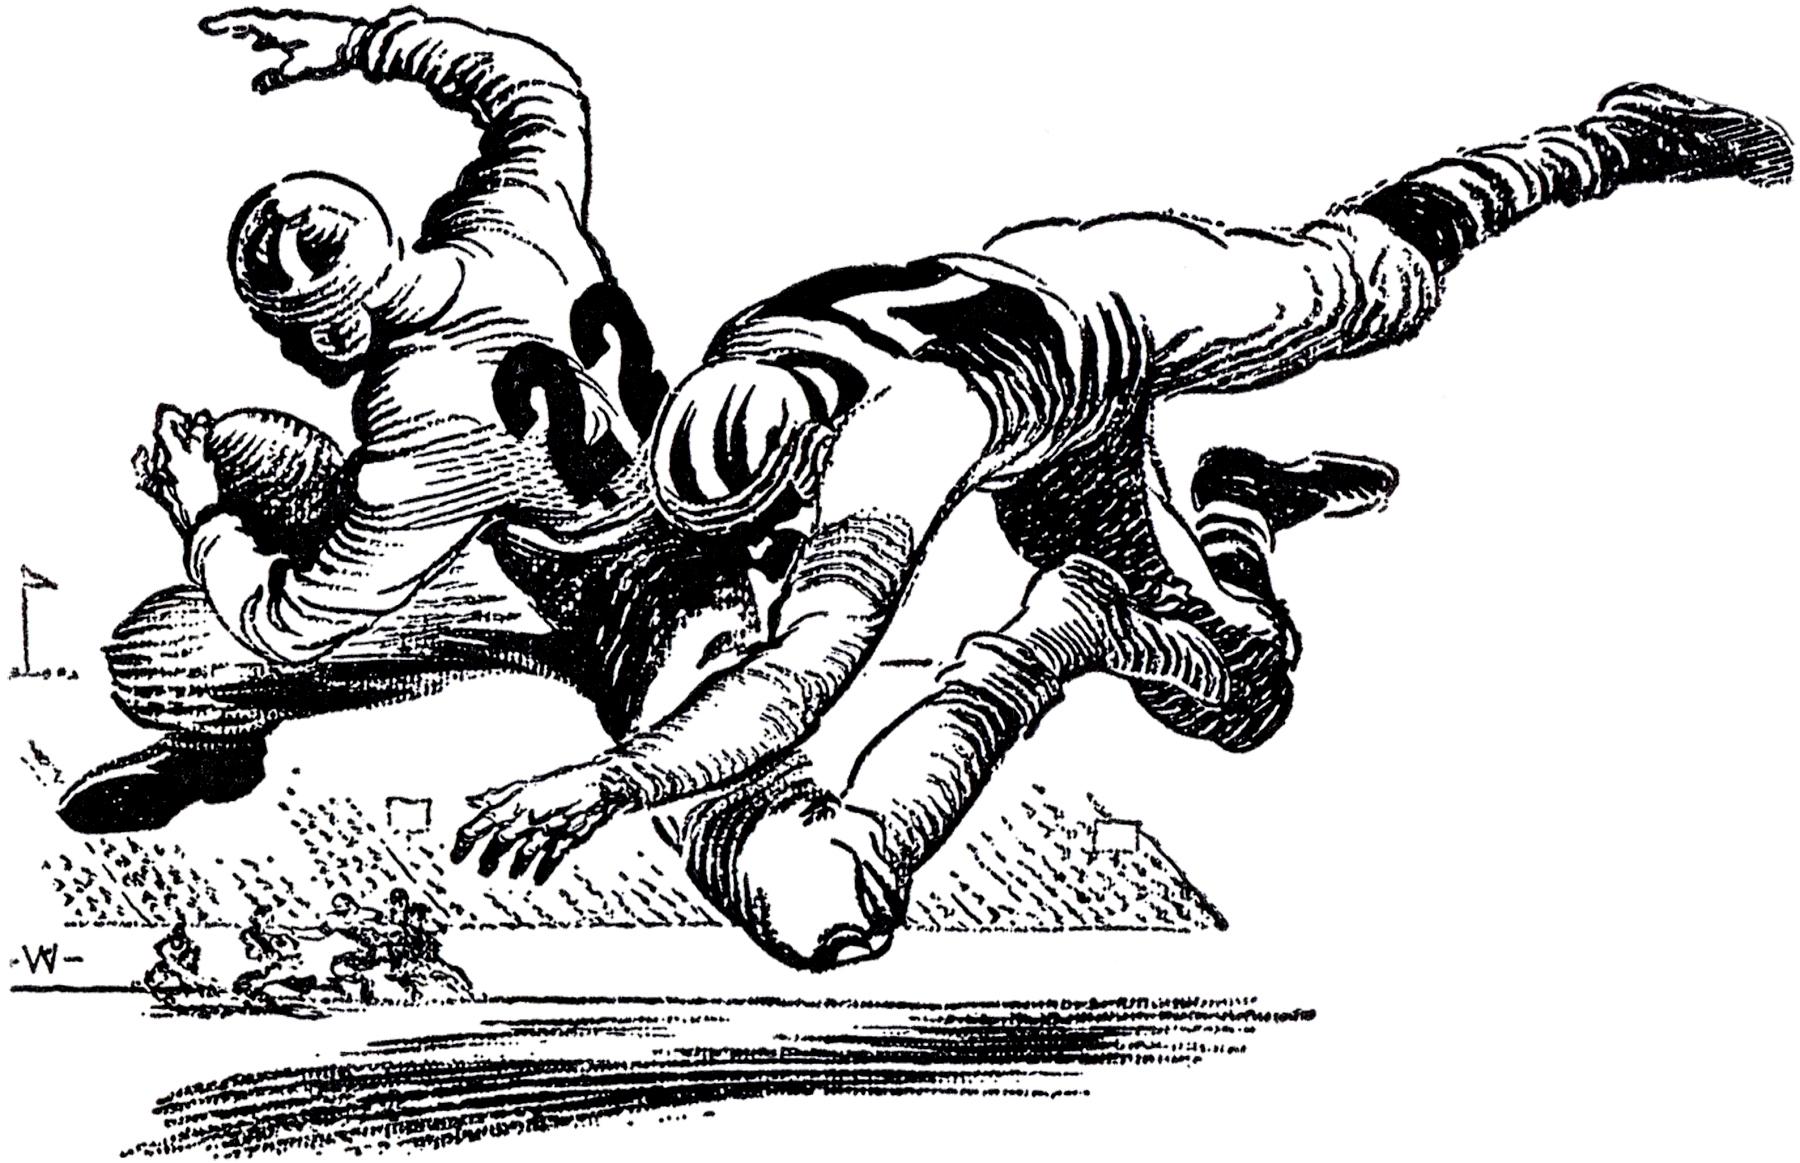 Vintage Football Image.